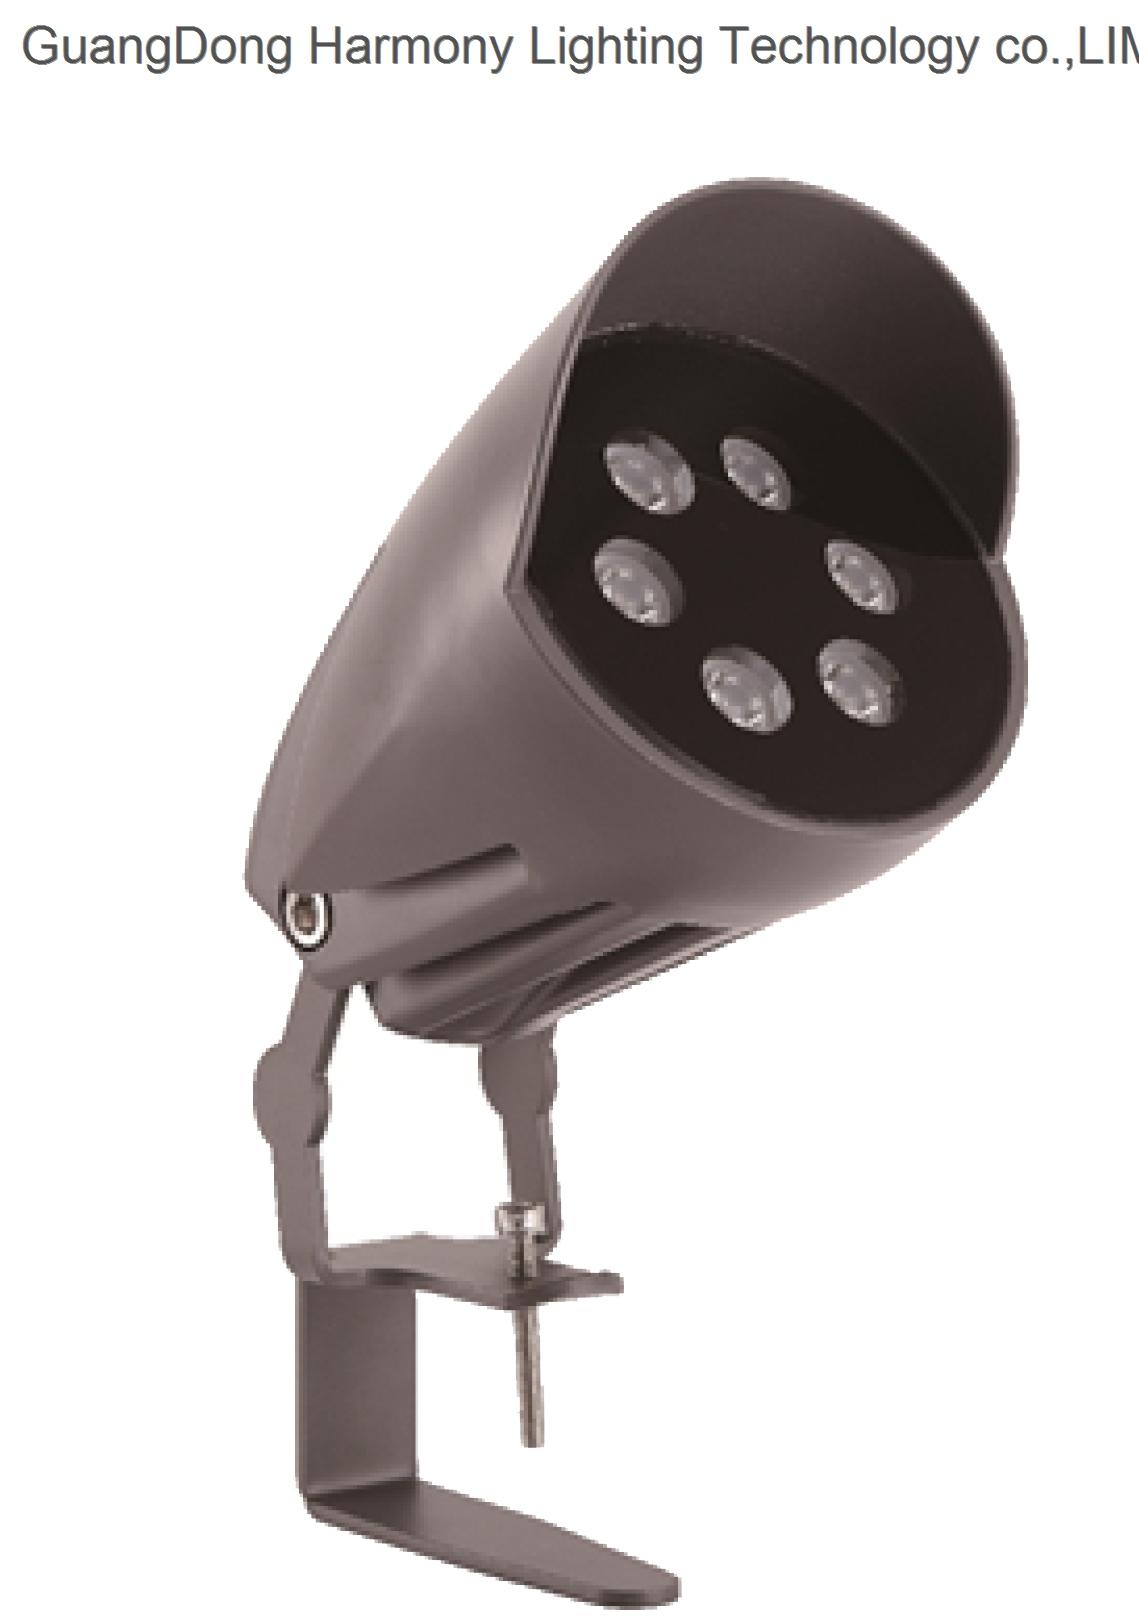 Led tile lamp series (瓦楞灯)